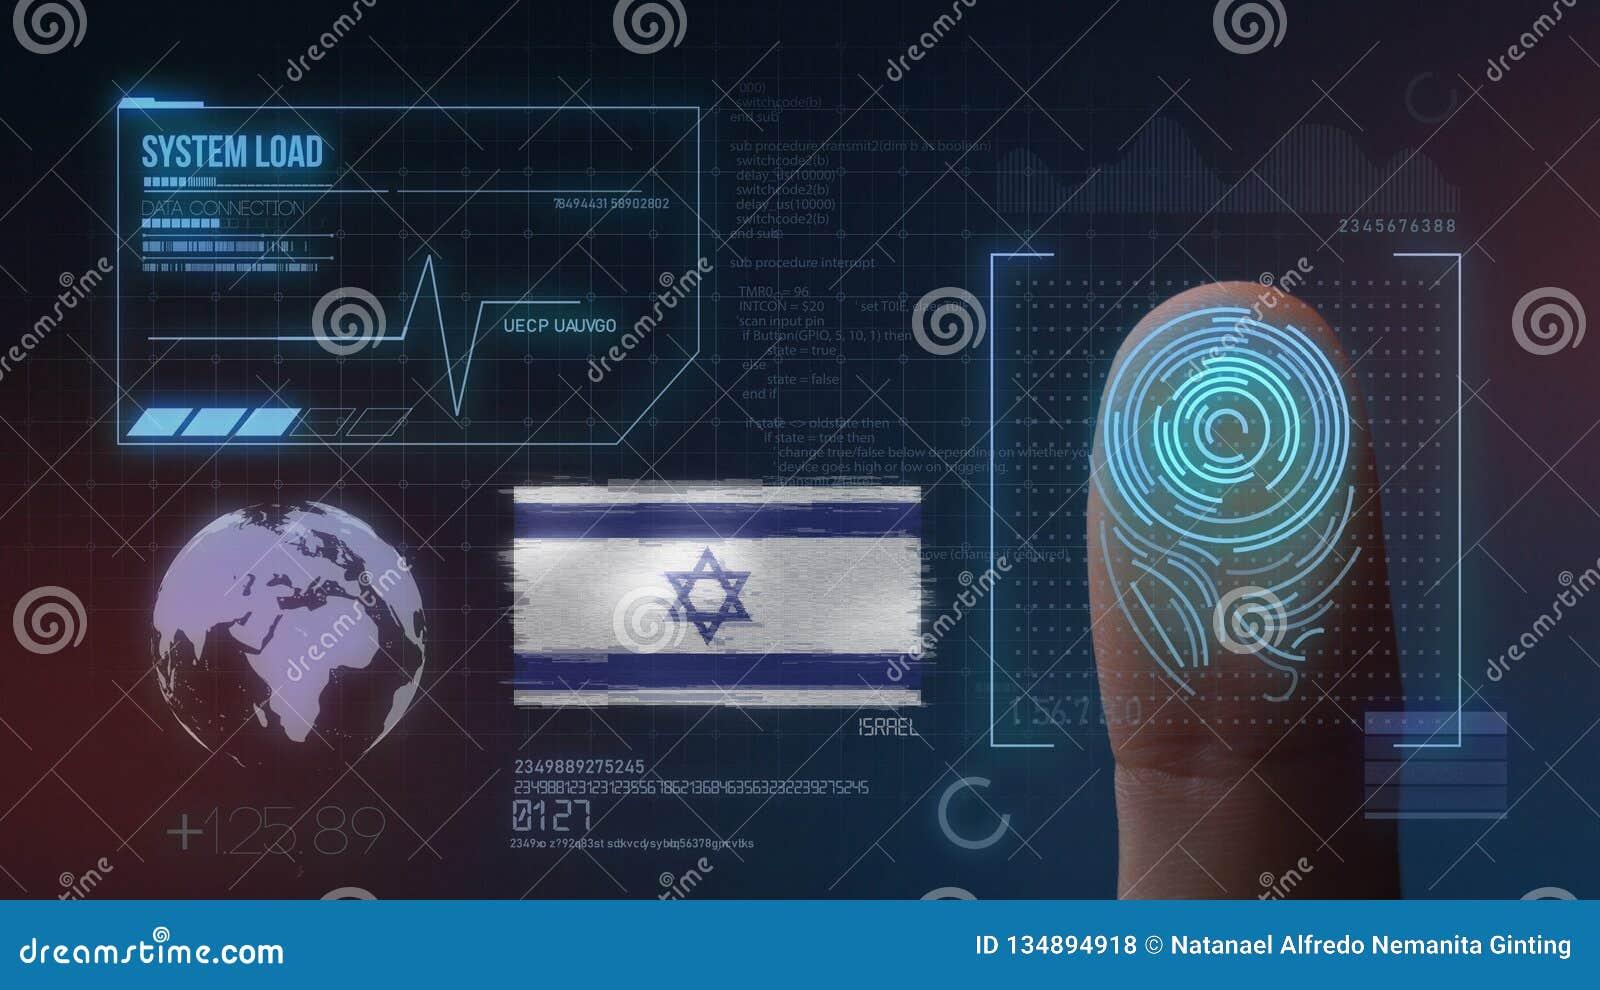 Fingerabdruck-biometrisches Überprüfungsidentifizierungs-System Israel Nationality